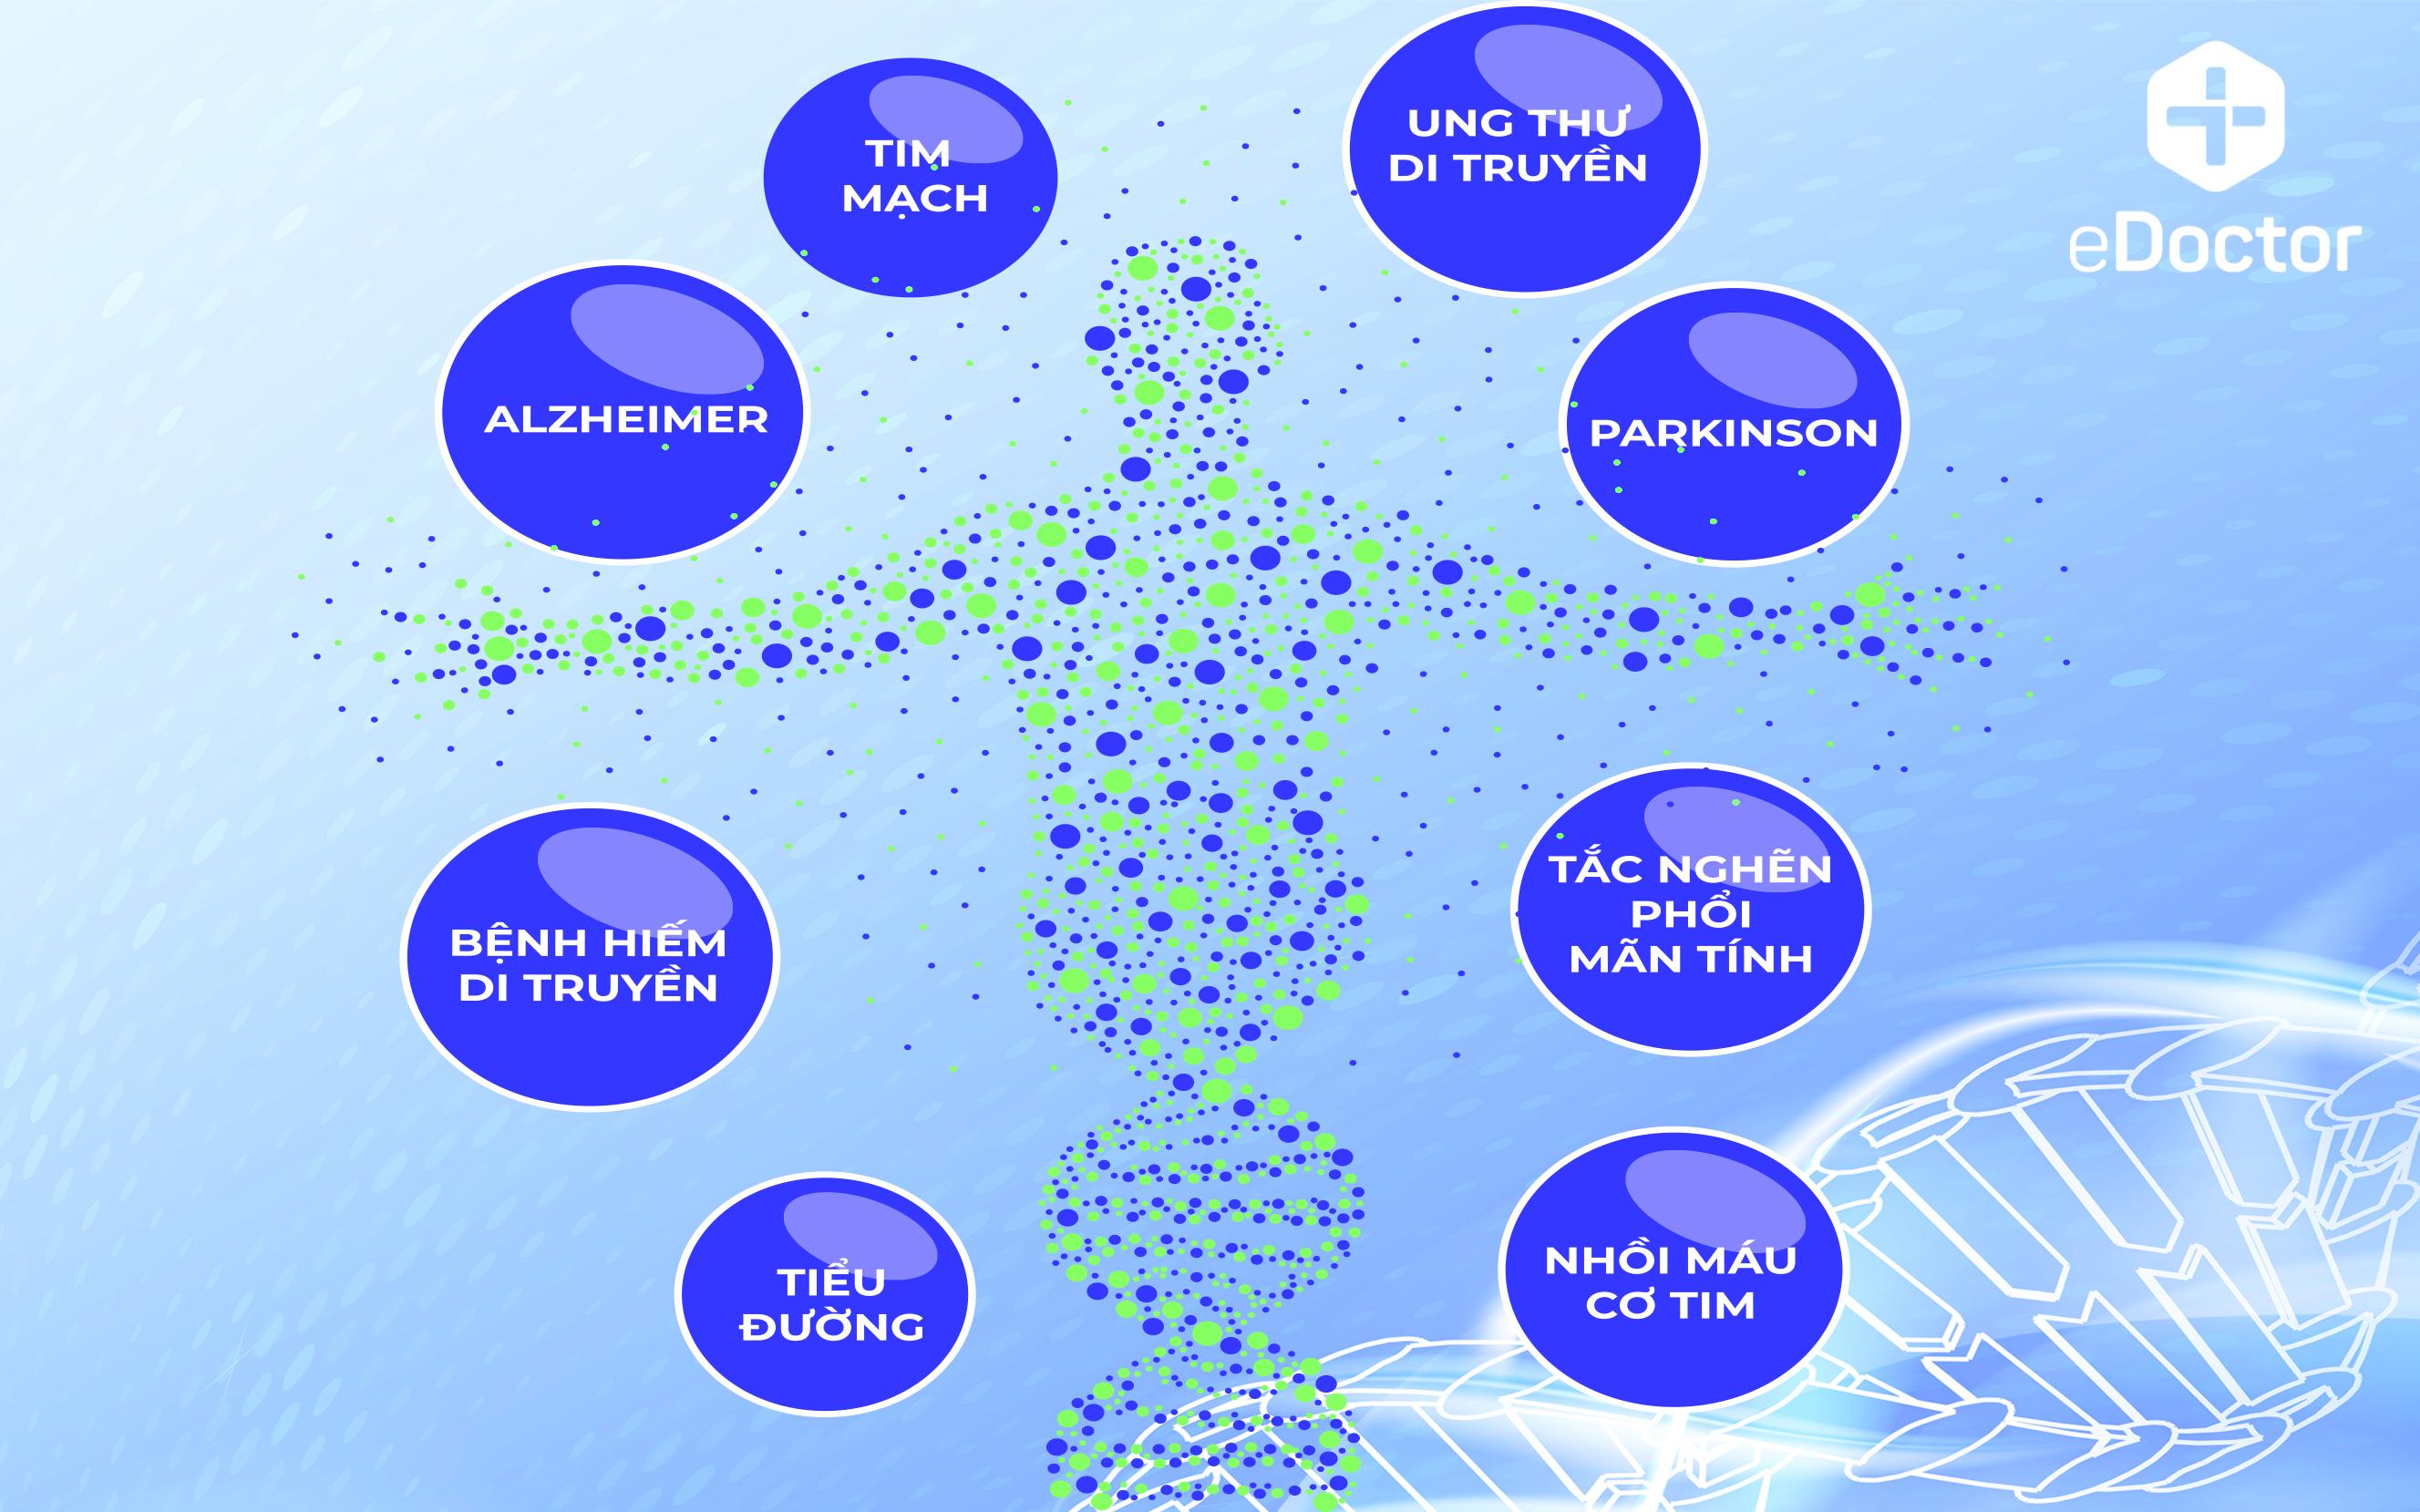 Ung thư di truyền tổng quát (DNA_HC)